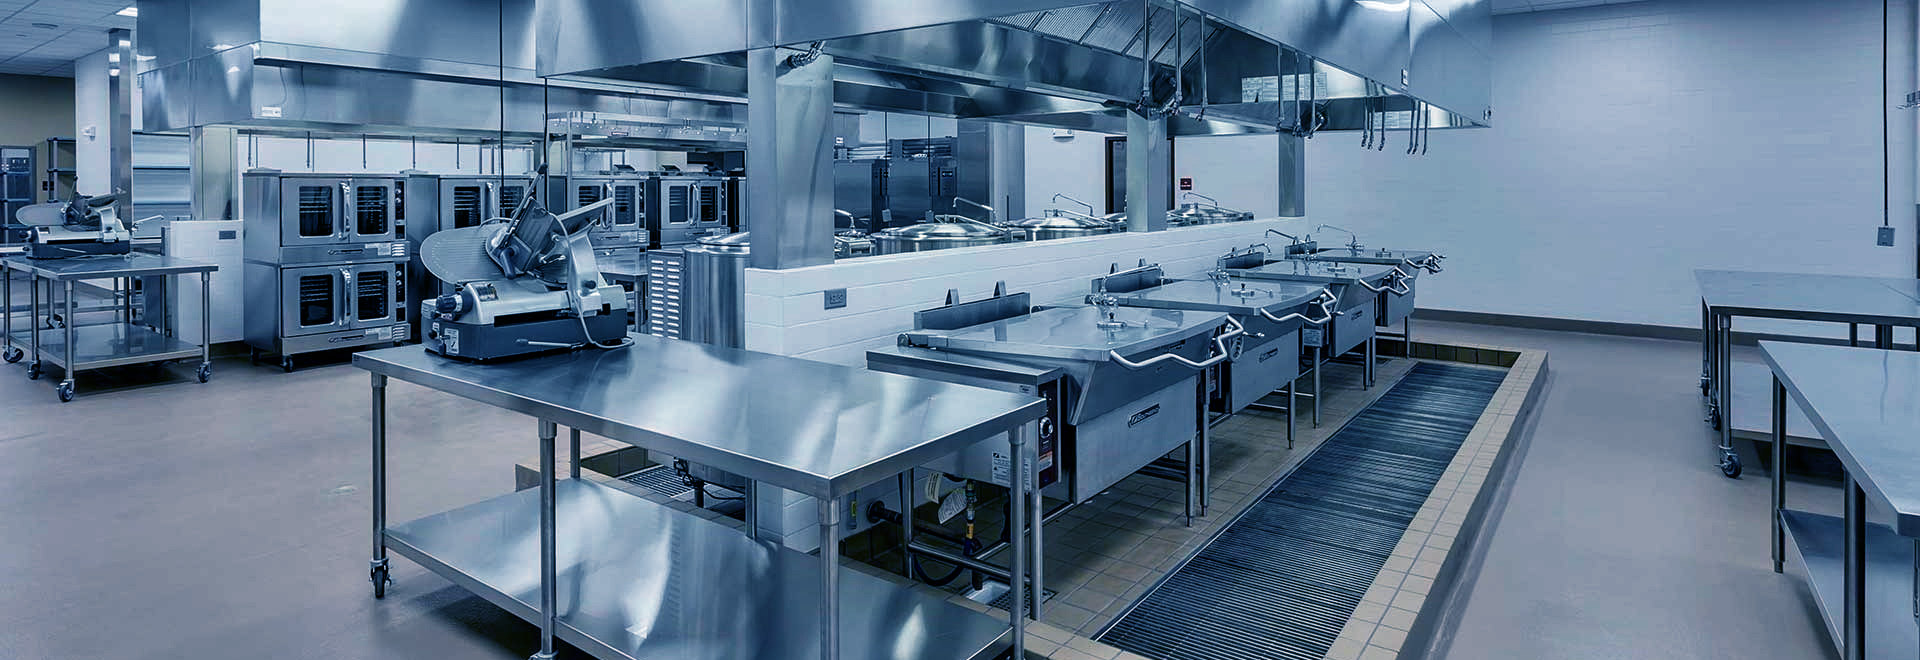 廚具廠家:食堂廚房工程有哪些設計原則?